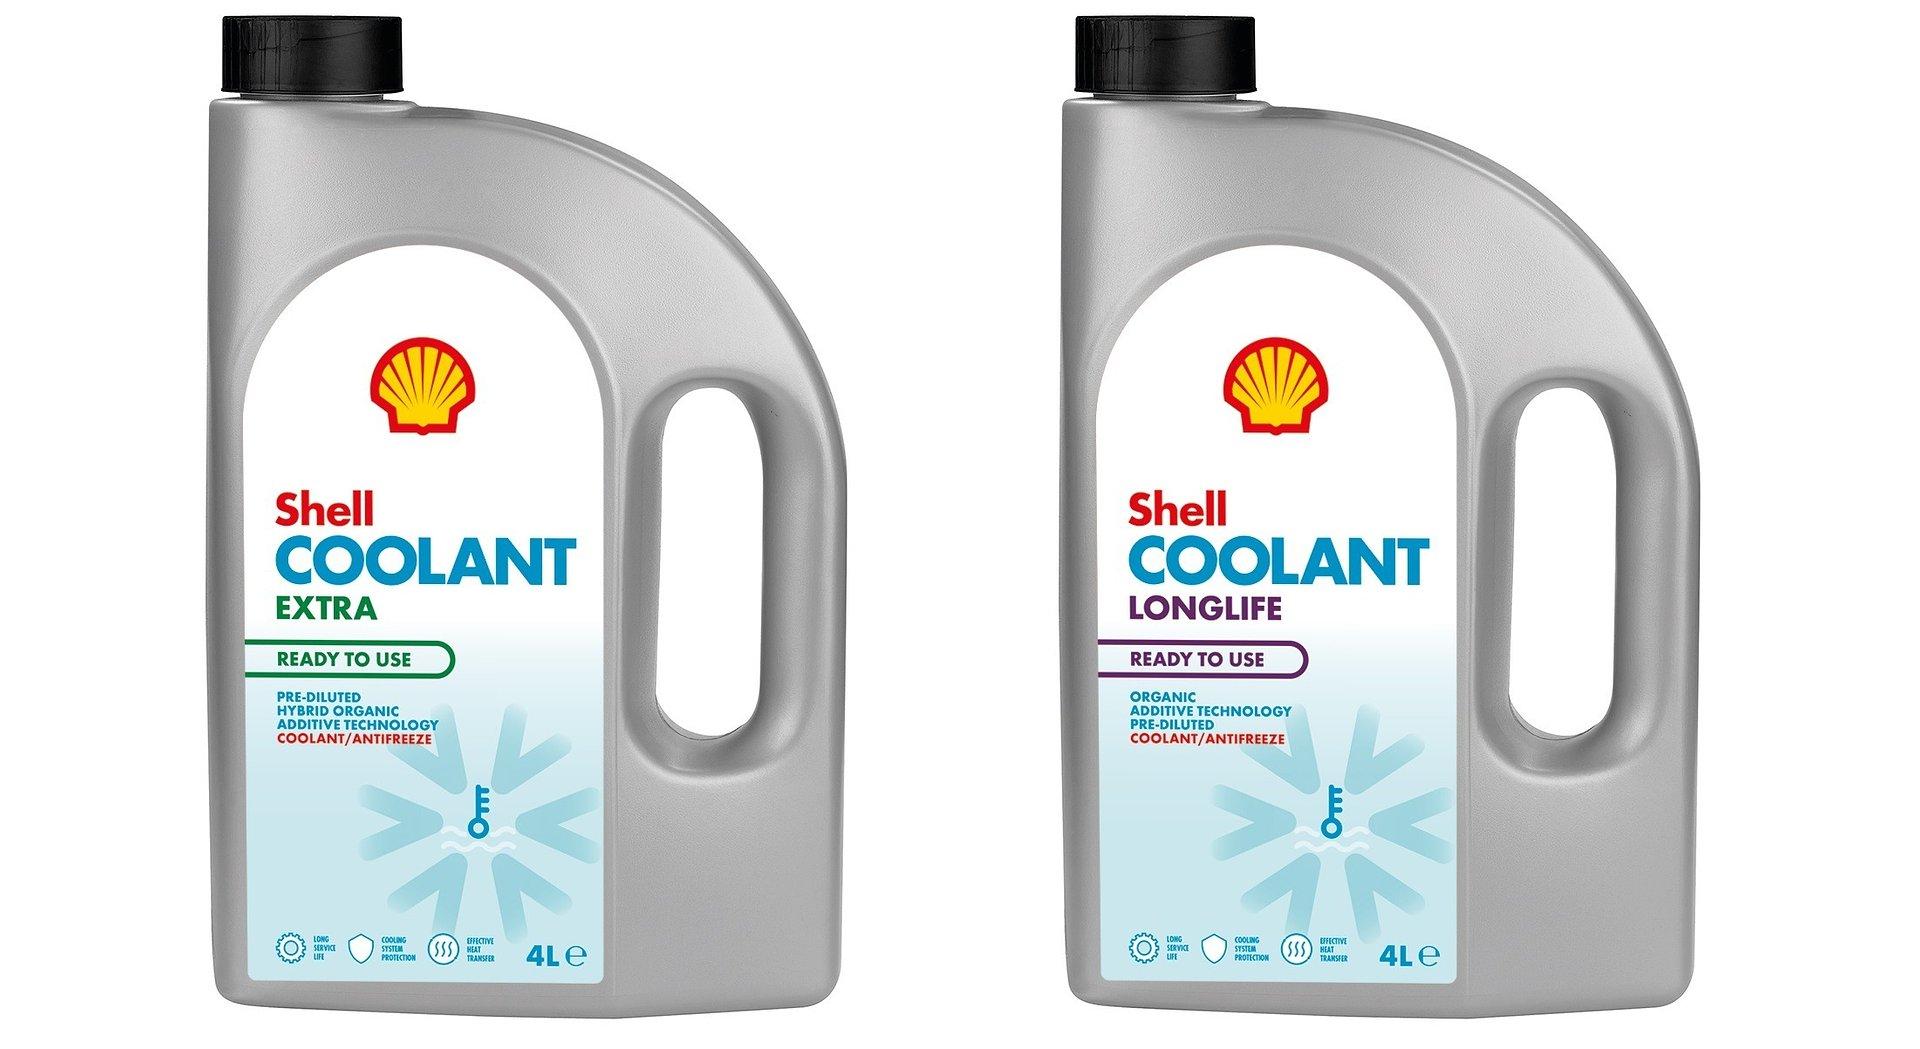 Shell Coolant – nowa linia płynów do chłodnic Shell